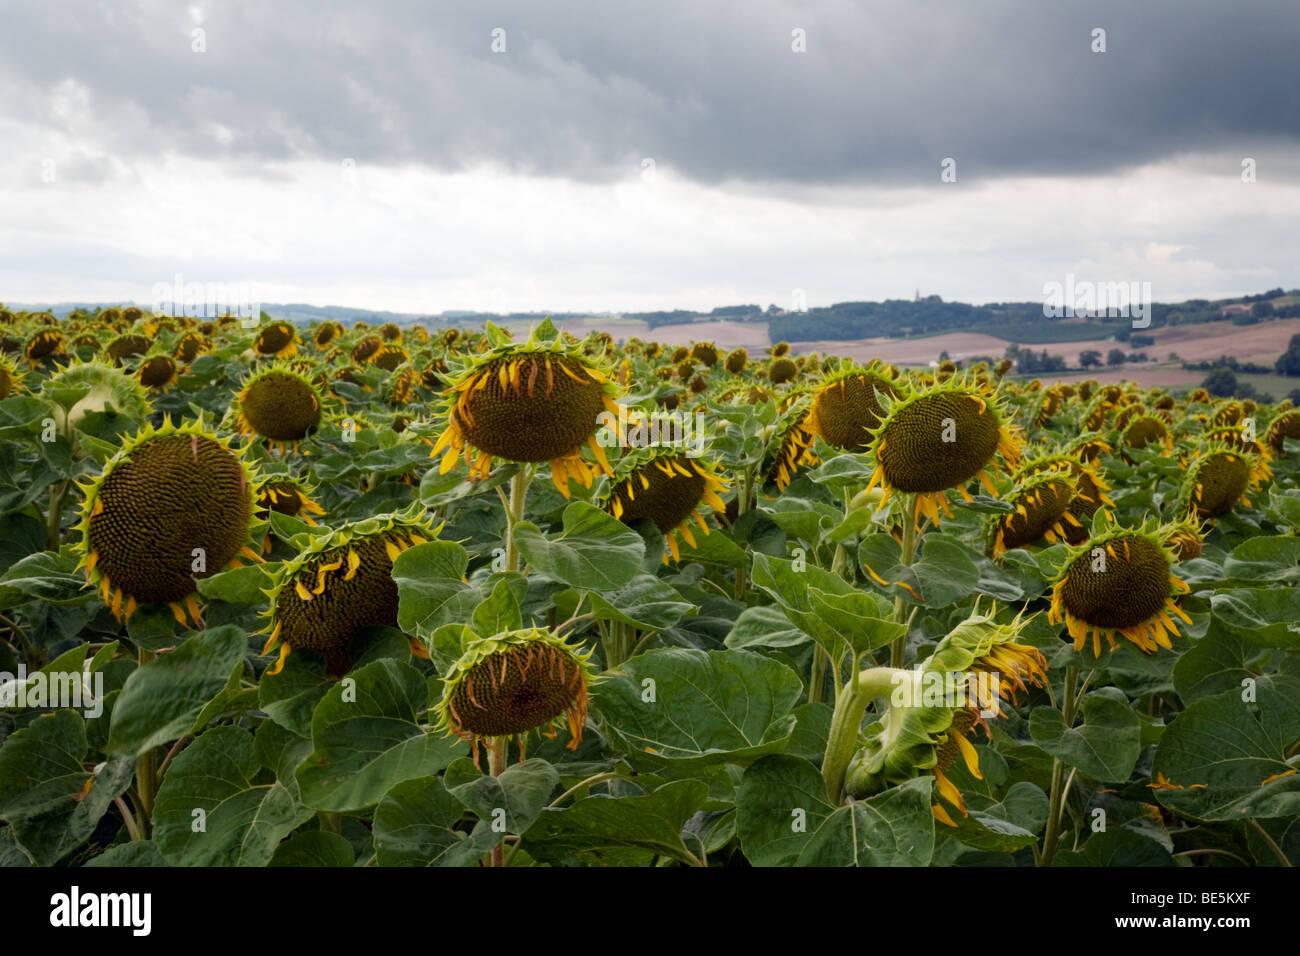 Un champ de tournesols avec leurs têtes vers le bas, contre un ciel gris Photo Stock